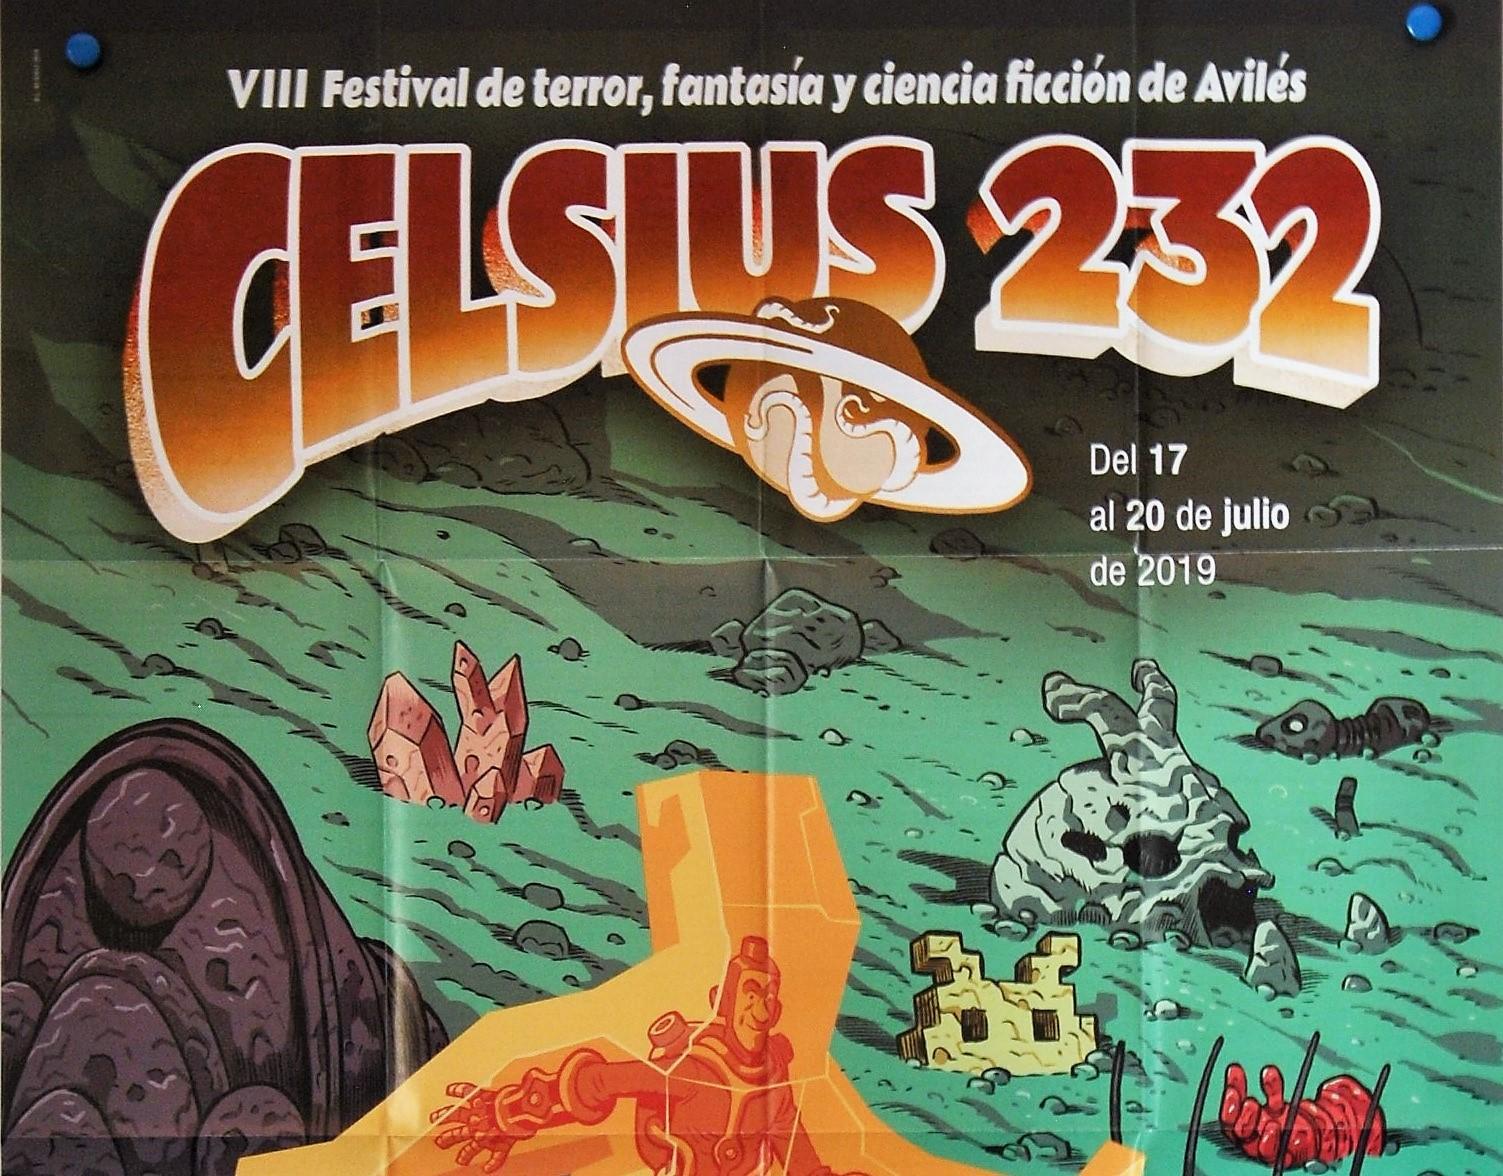 Cartel del Celsius 232 2019